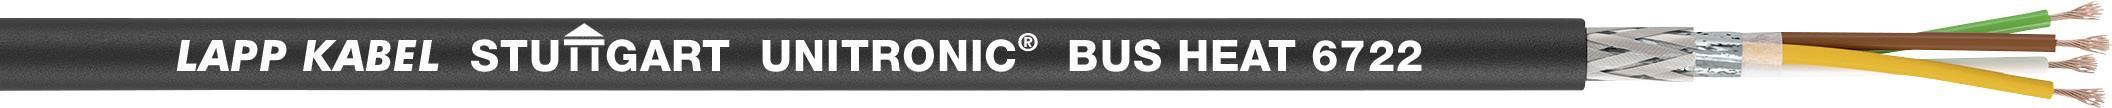 Sběrnicový kabel LAPP UNITRONIC® BUS HEAT 6722 2170387/1000, vnější Ø 8.36 mm, černá, 1000 m